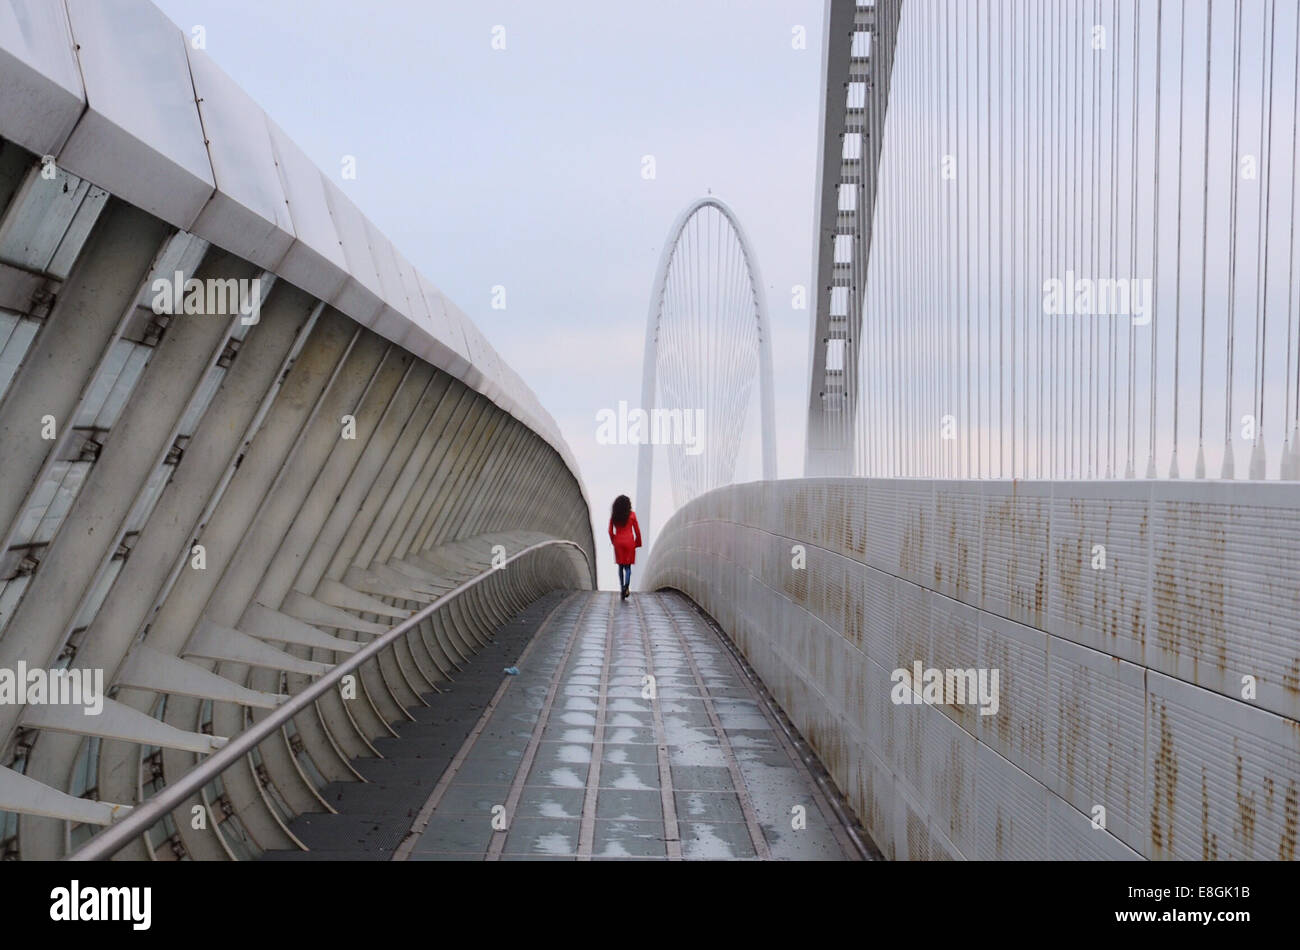 Italia, la mujer en rojo caminando por el puente de Calatrava Imagen De Stock